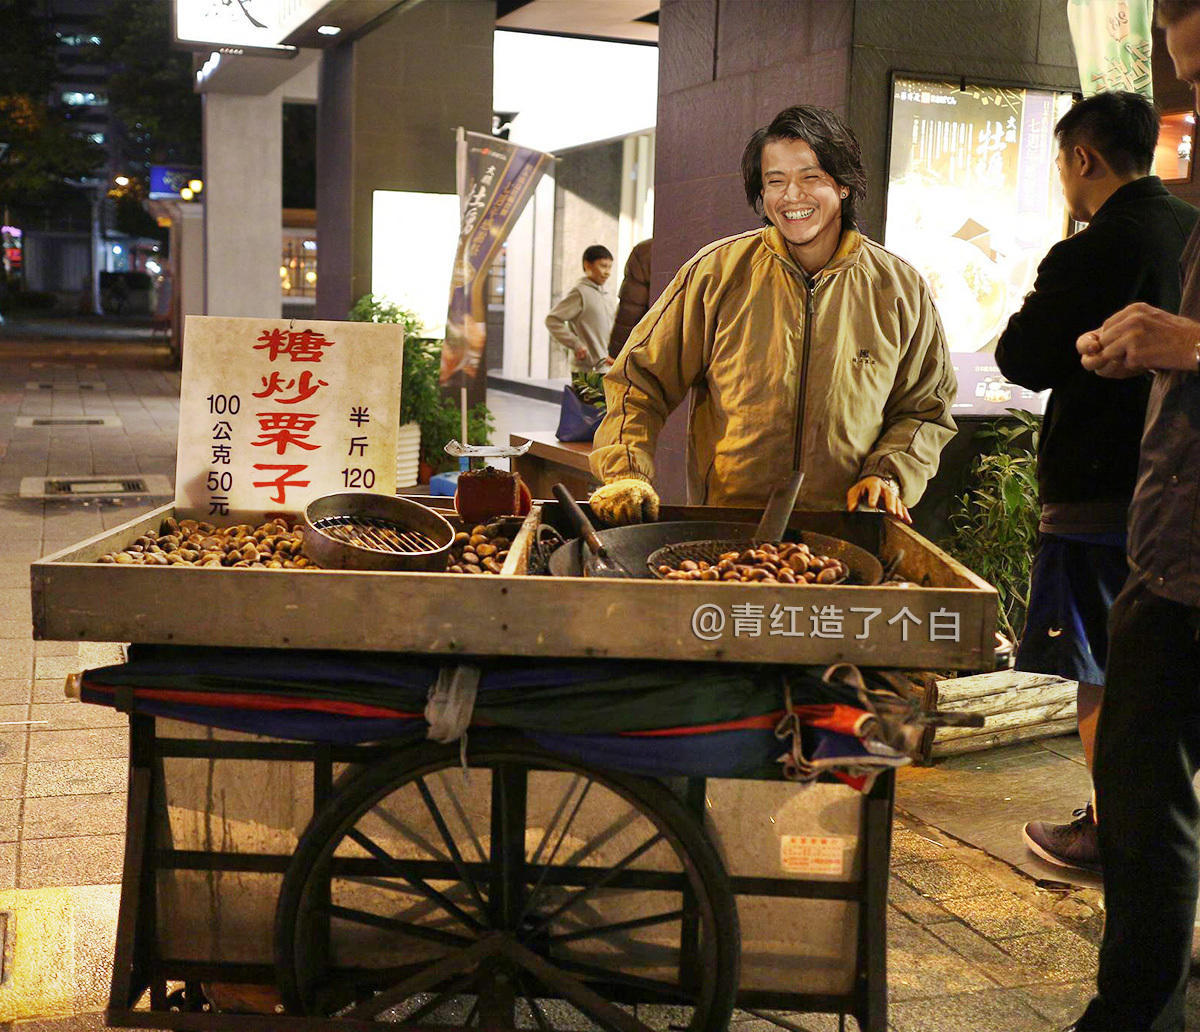 @青红造了个白:明星摆摊与互联网的摆摊大军